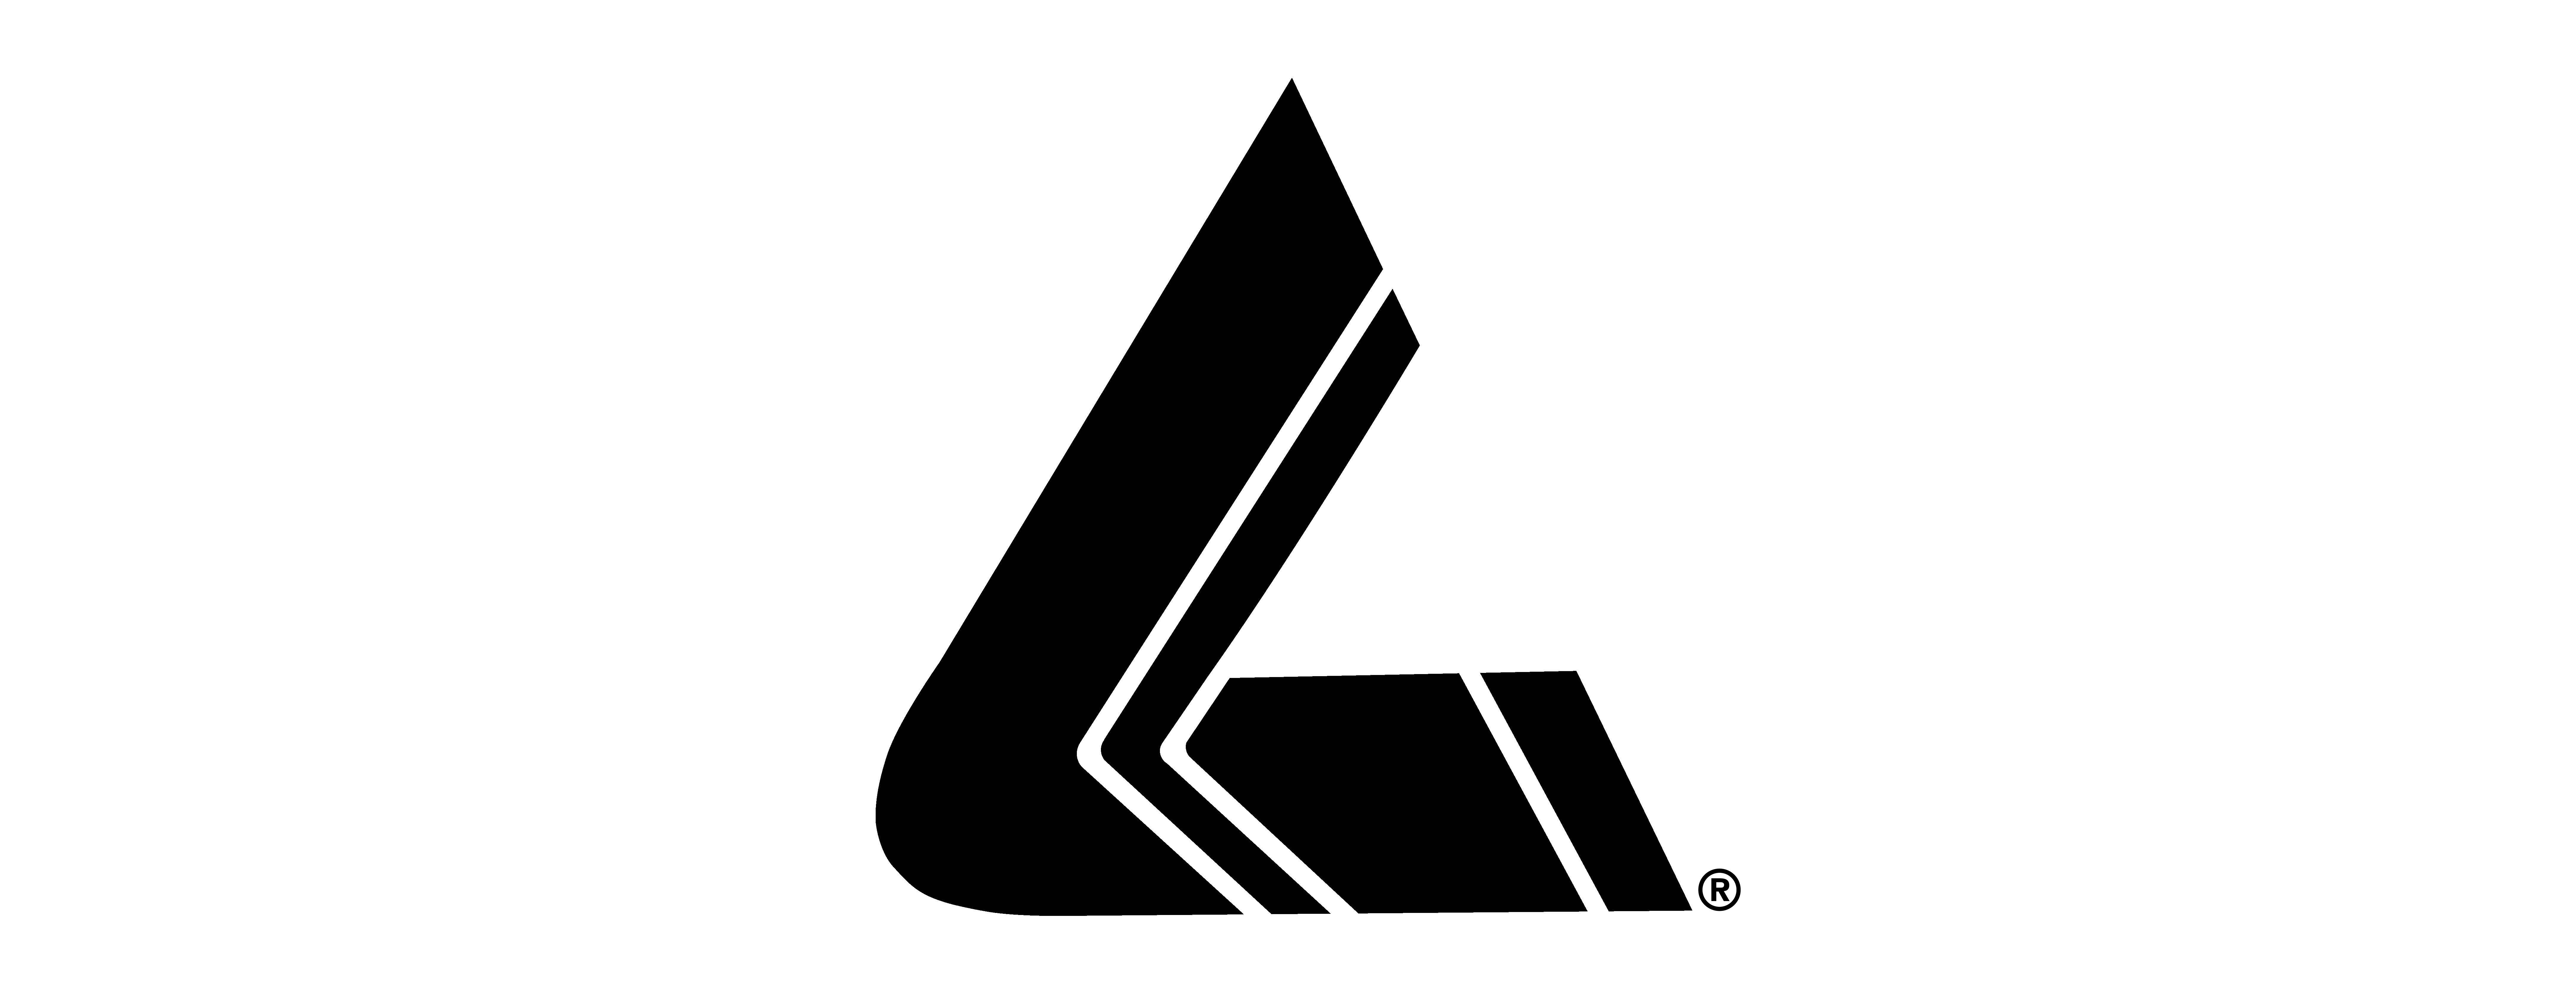 L Logos